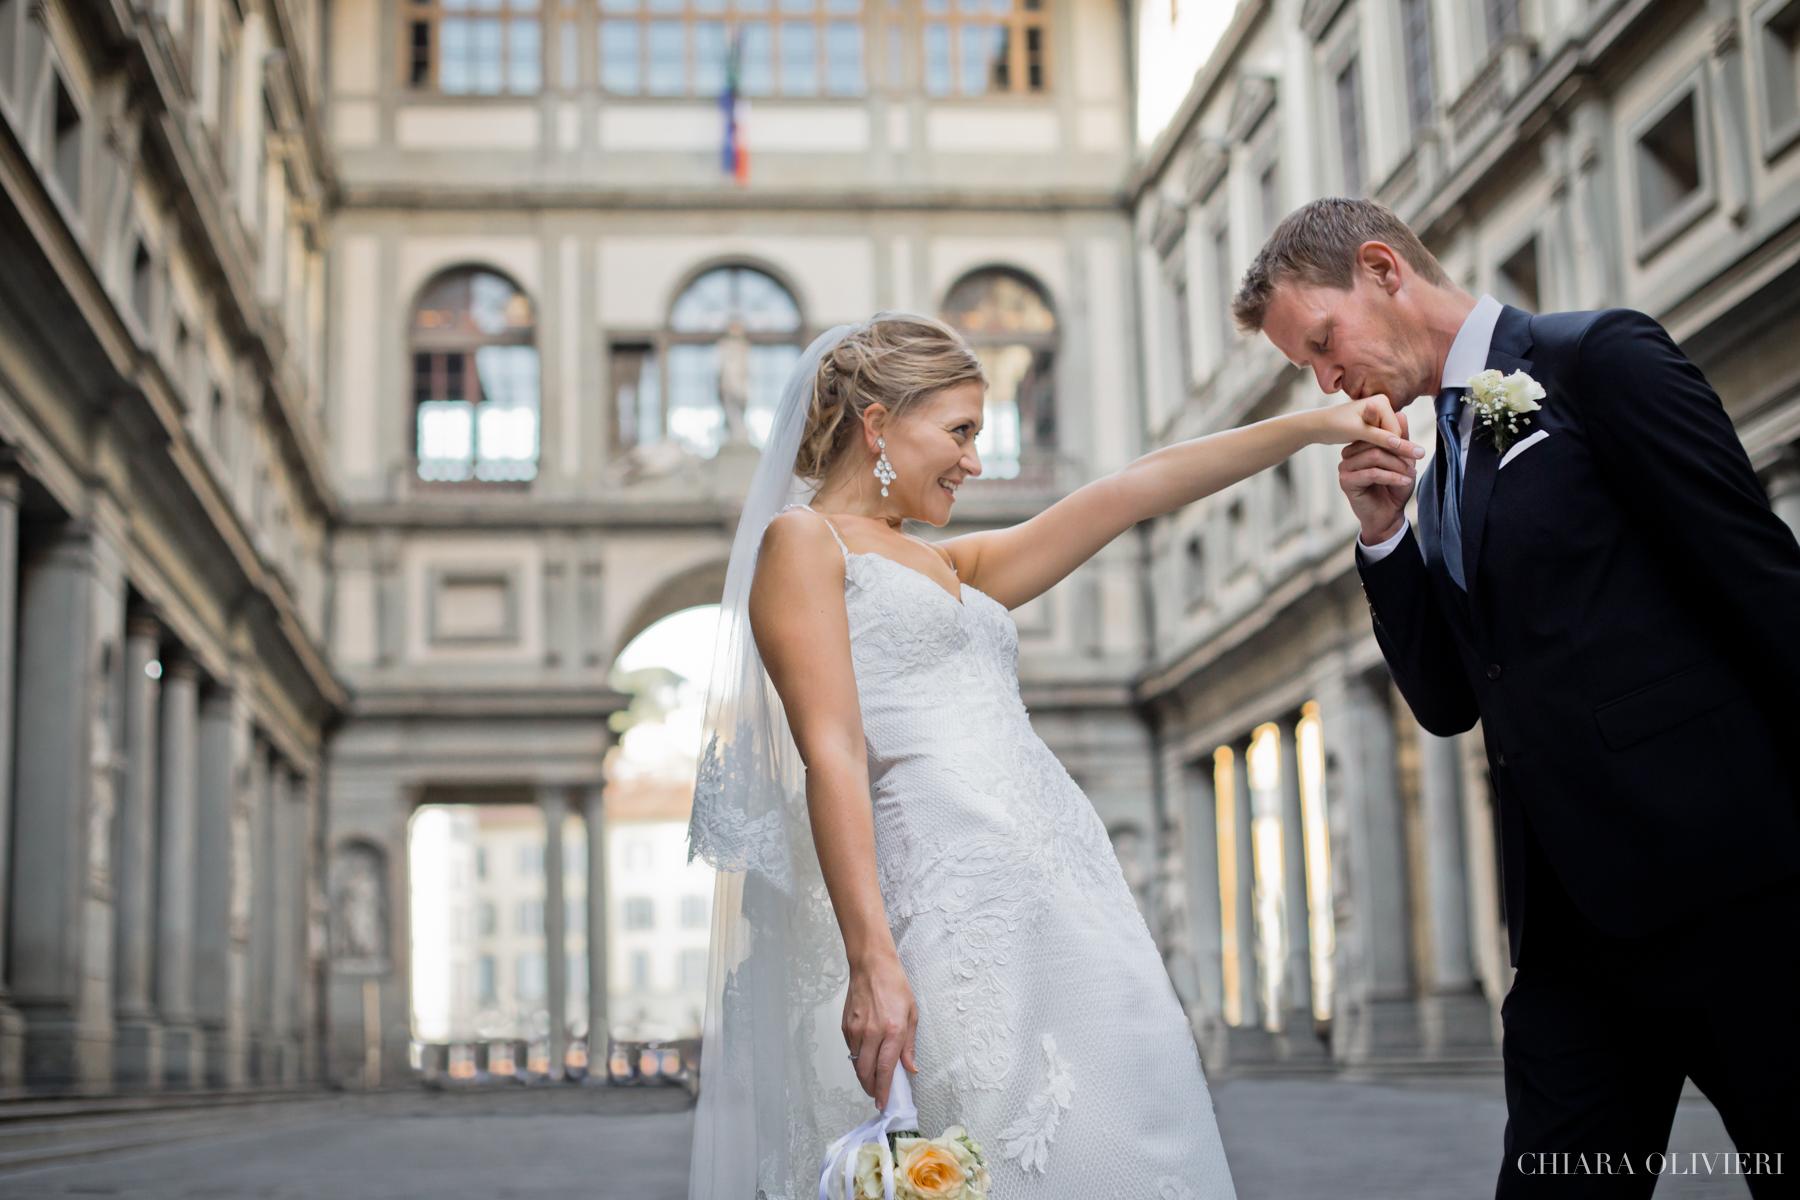 matrimonio-toscana-torredeilari-firenze-54